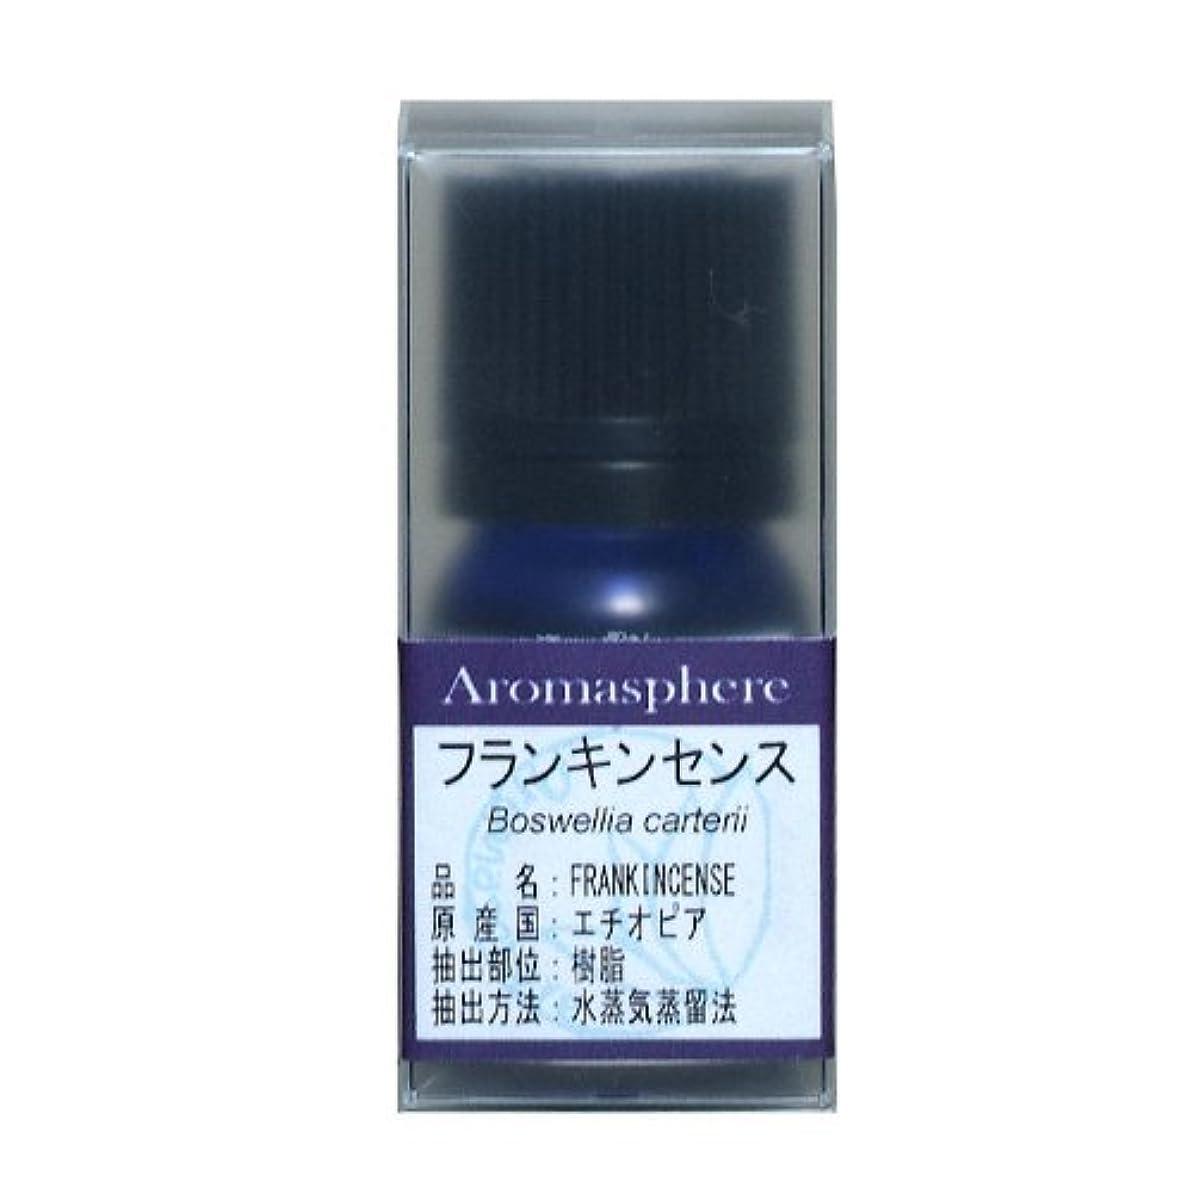 オプショナル優しい灰【アロマスフィア】フランキンセンス 5ml エッセンシャルオイル(精油)